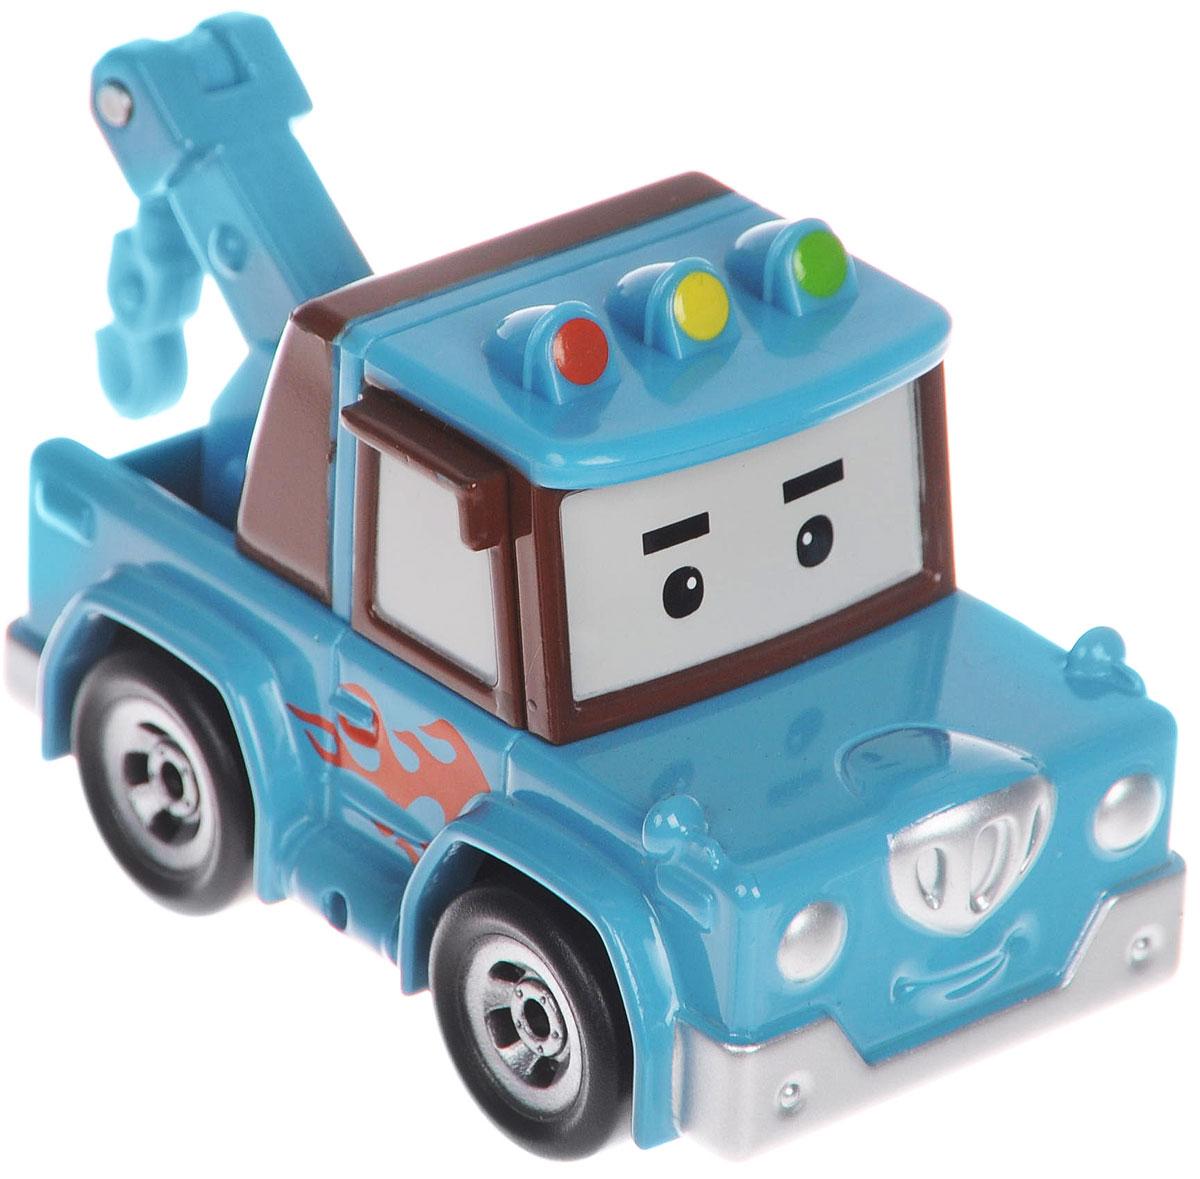 """Яркая игрушка Poli """"Эвакуатор Спуки"""" непременно понравится вашему малышу. Она выполнена из металла с элементами пластика в виде эвакуатора Спуки - персонажа популярного мультсериала """"Robocar Poli"""". Спуки оснащен поднимающимся элементов с крюком для буксировки машинок, а также колесиками со свободным ходом, позволяющими катать игрушку. Благодаря небольшому размеру ребенок сможет взять машинку с собой на прогулку, в поездку или в гости. Порадуйте своего малыша таким замечательным подарком!"""